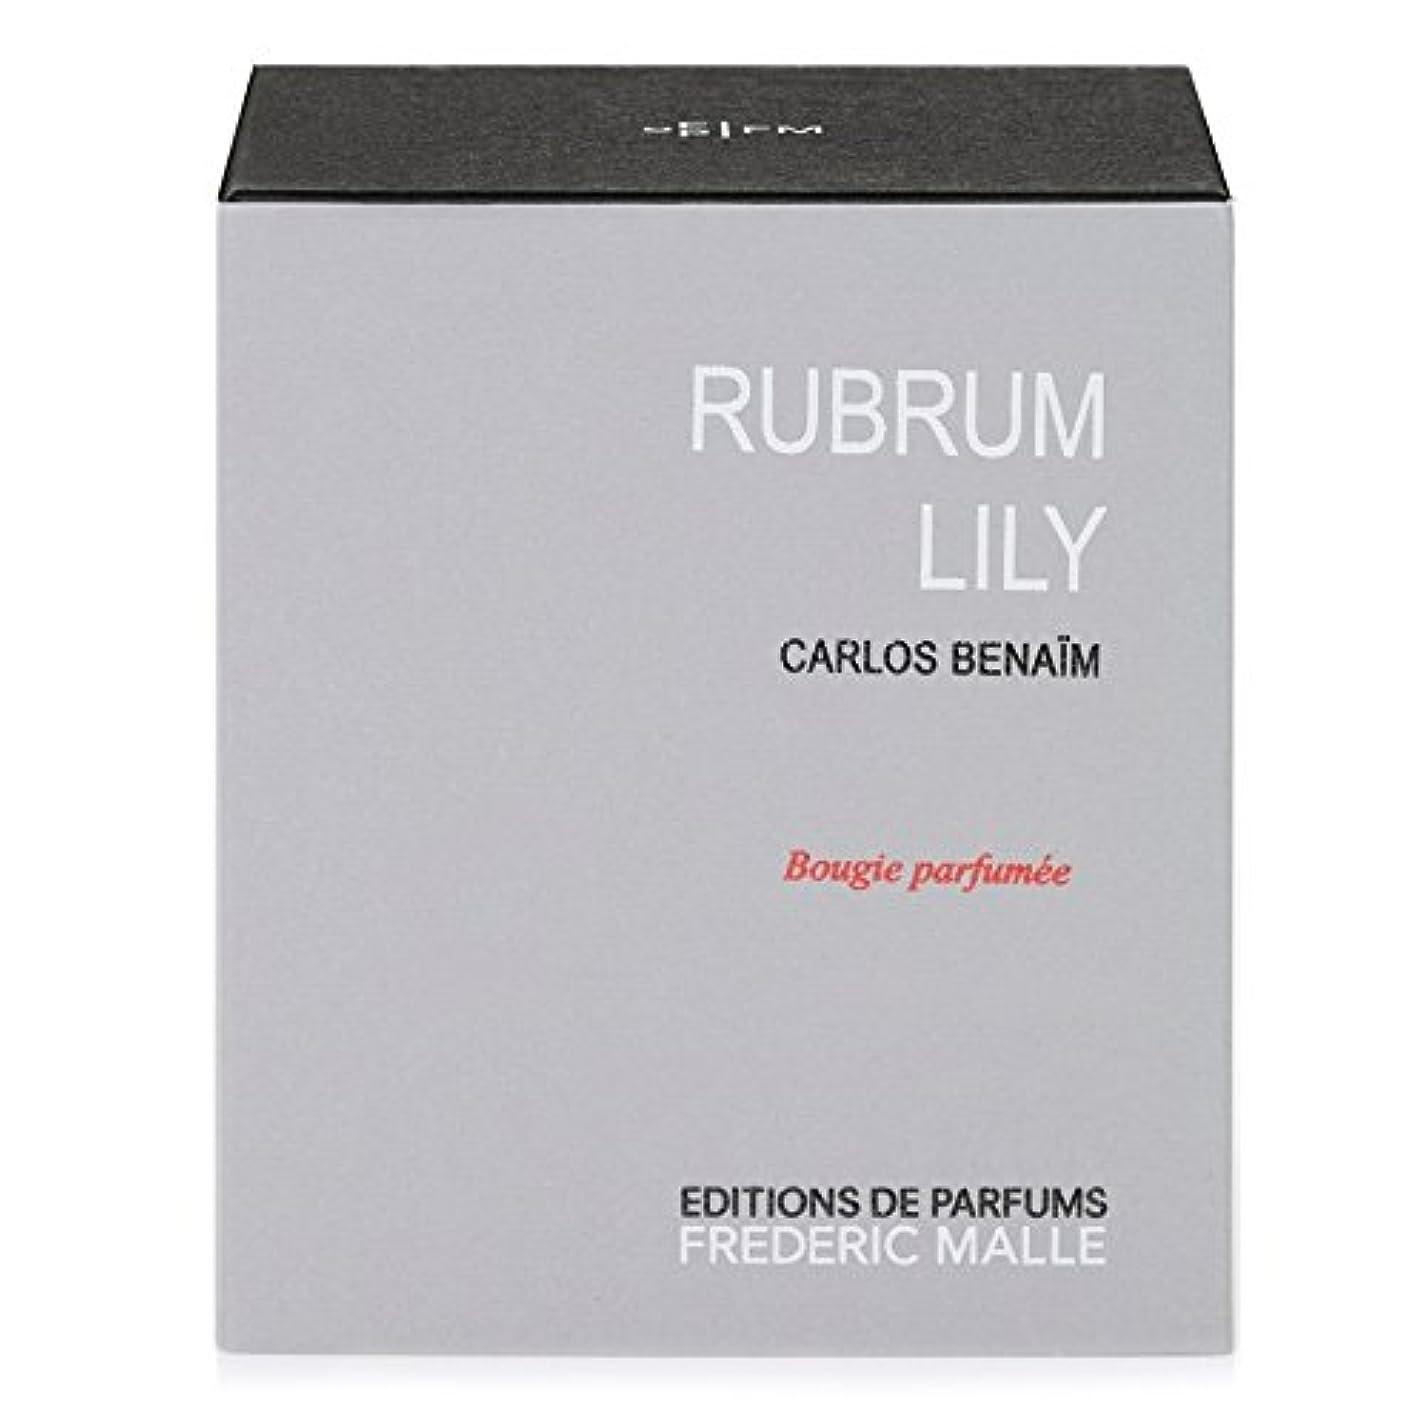 対きつく摩擦Frederic Malle Rubrum Lily Scented Candle (Pack of 2) - フレデリック?マルルブルムユリの香りのキャンドル x2 [並行輸入品]